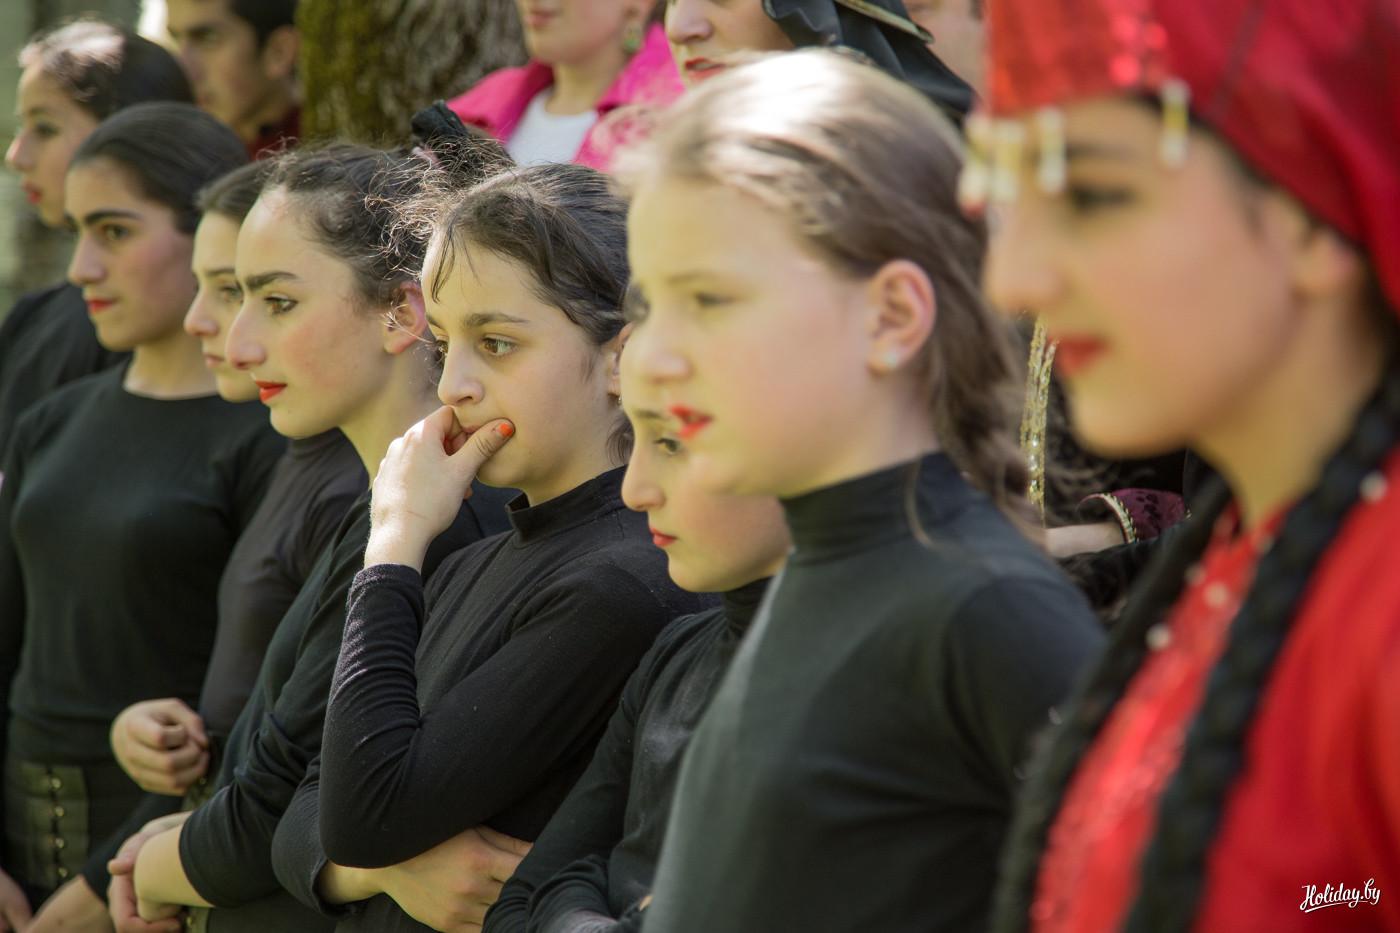 Смотрите как развлекают себя девушки в деревне 24 фотография